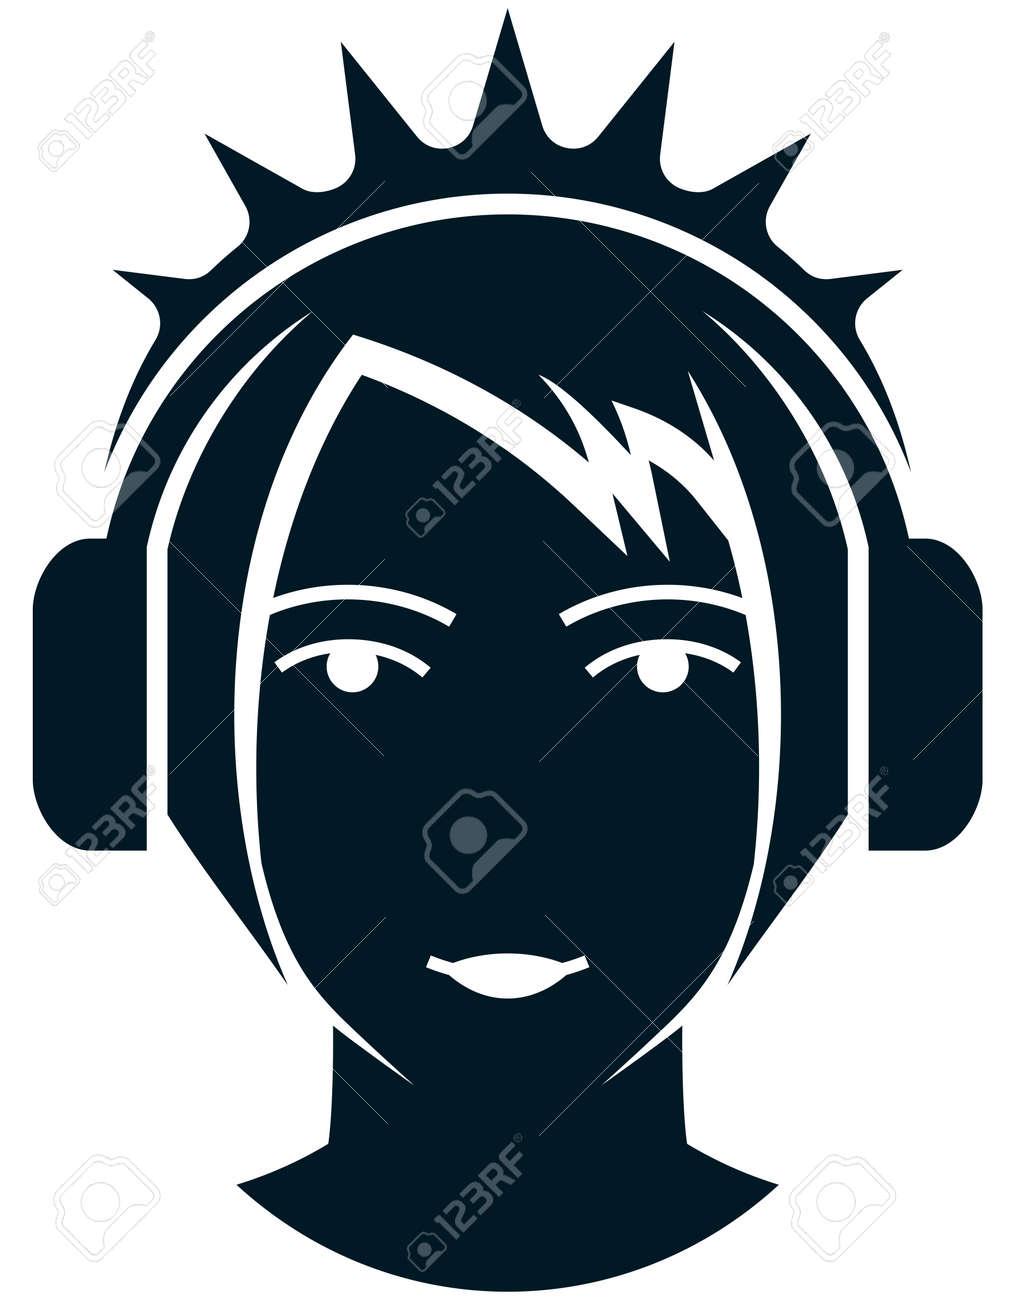 Mädchengesicht Kopf In Kopfhörer Isoliert Lizenzfrei Nutzbare ...